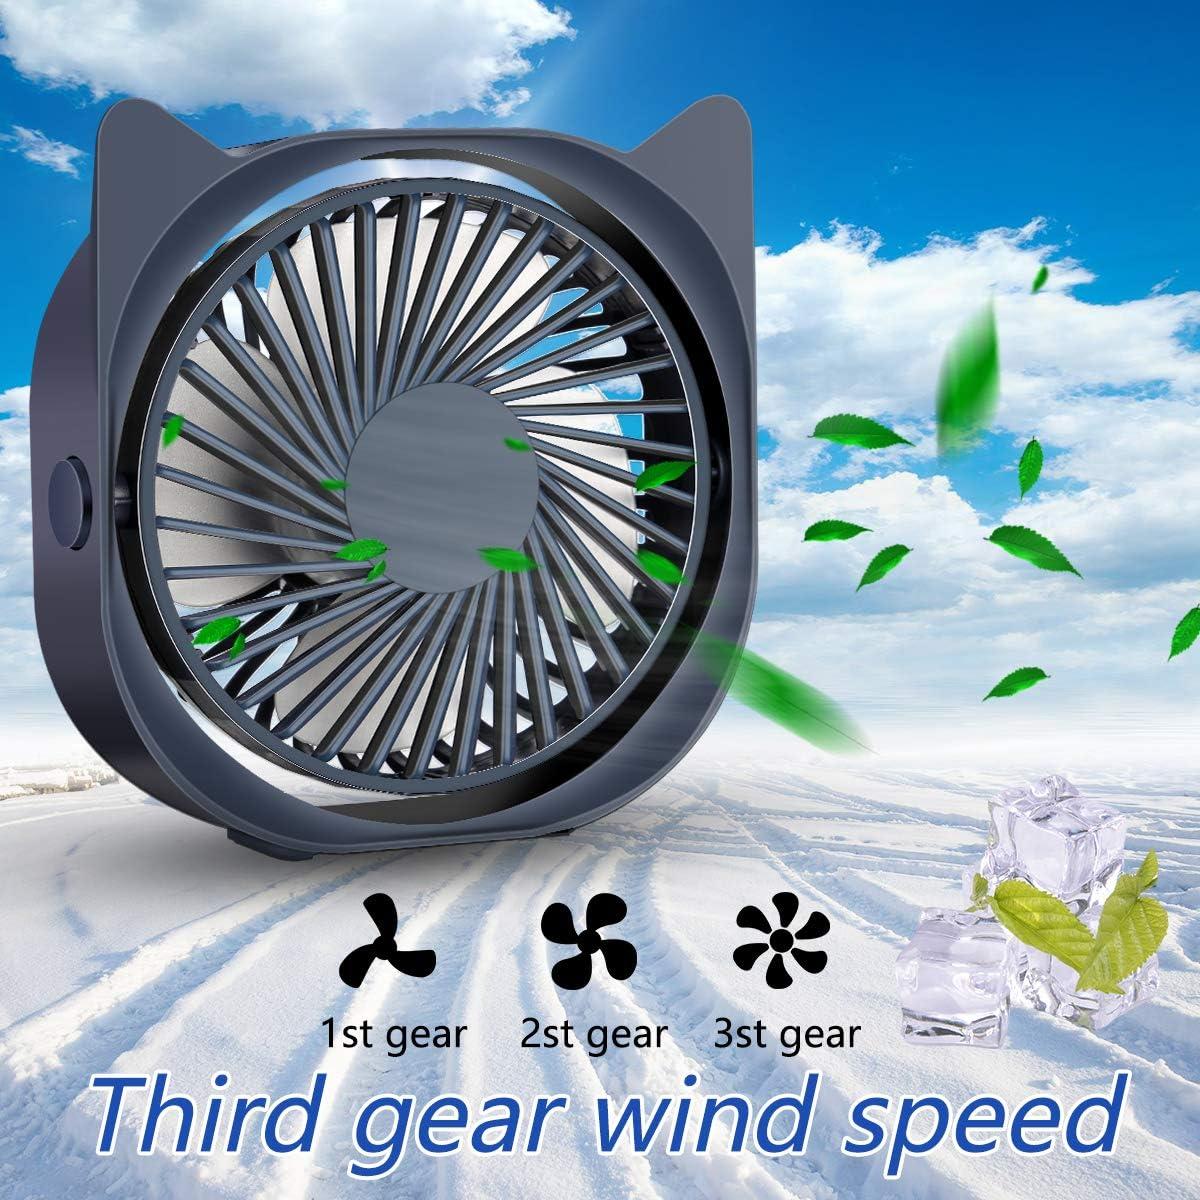 Voyage Sport Mini Table Ventilateur Ventilateur R/églable /à 360 /° pour Camping Portable Ventilateur Silencieux 3 Vitesse R/églable Aliment/é par USB Mini Ventilateur Bureau Ventilateur USB